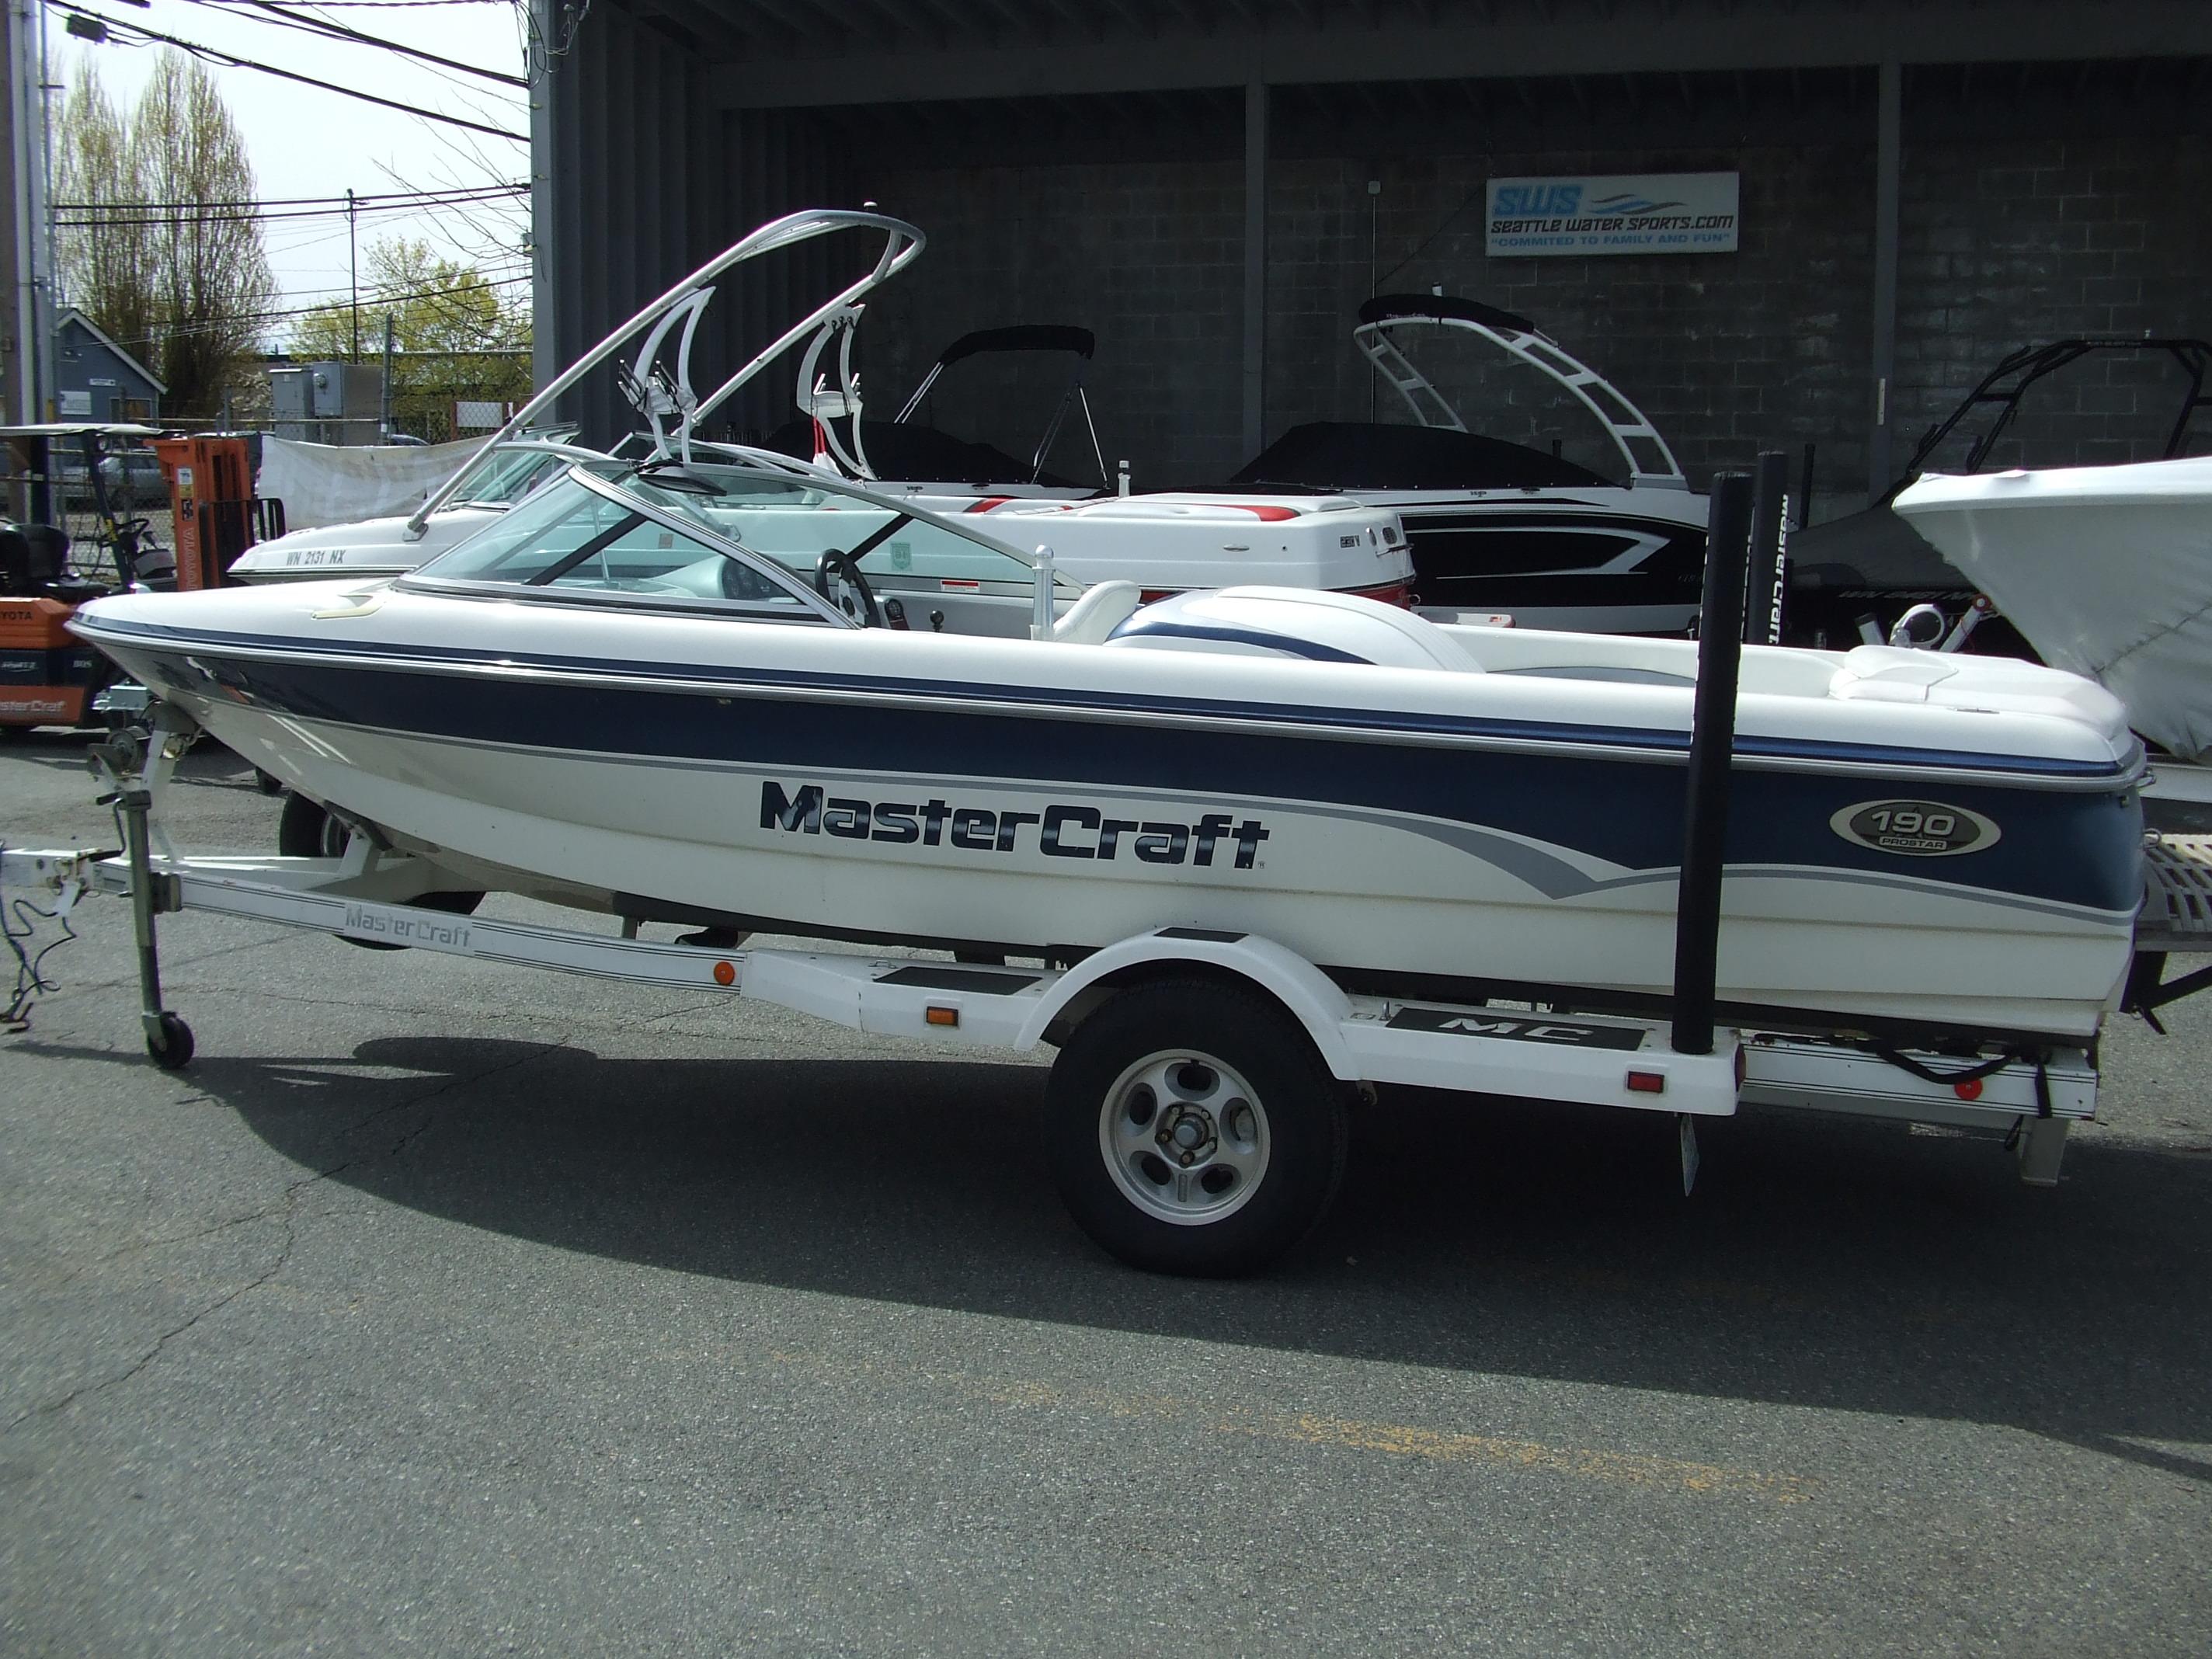 2000 Mastercraft Pro Star 190 Seattle Watersports